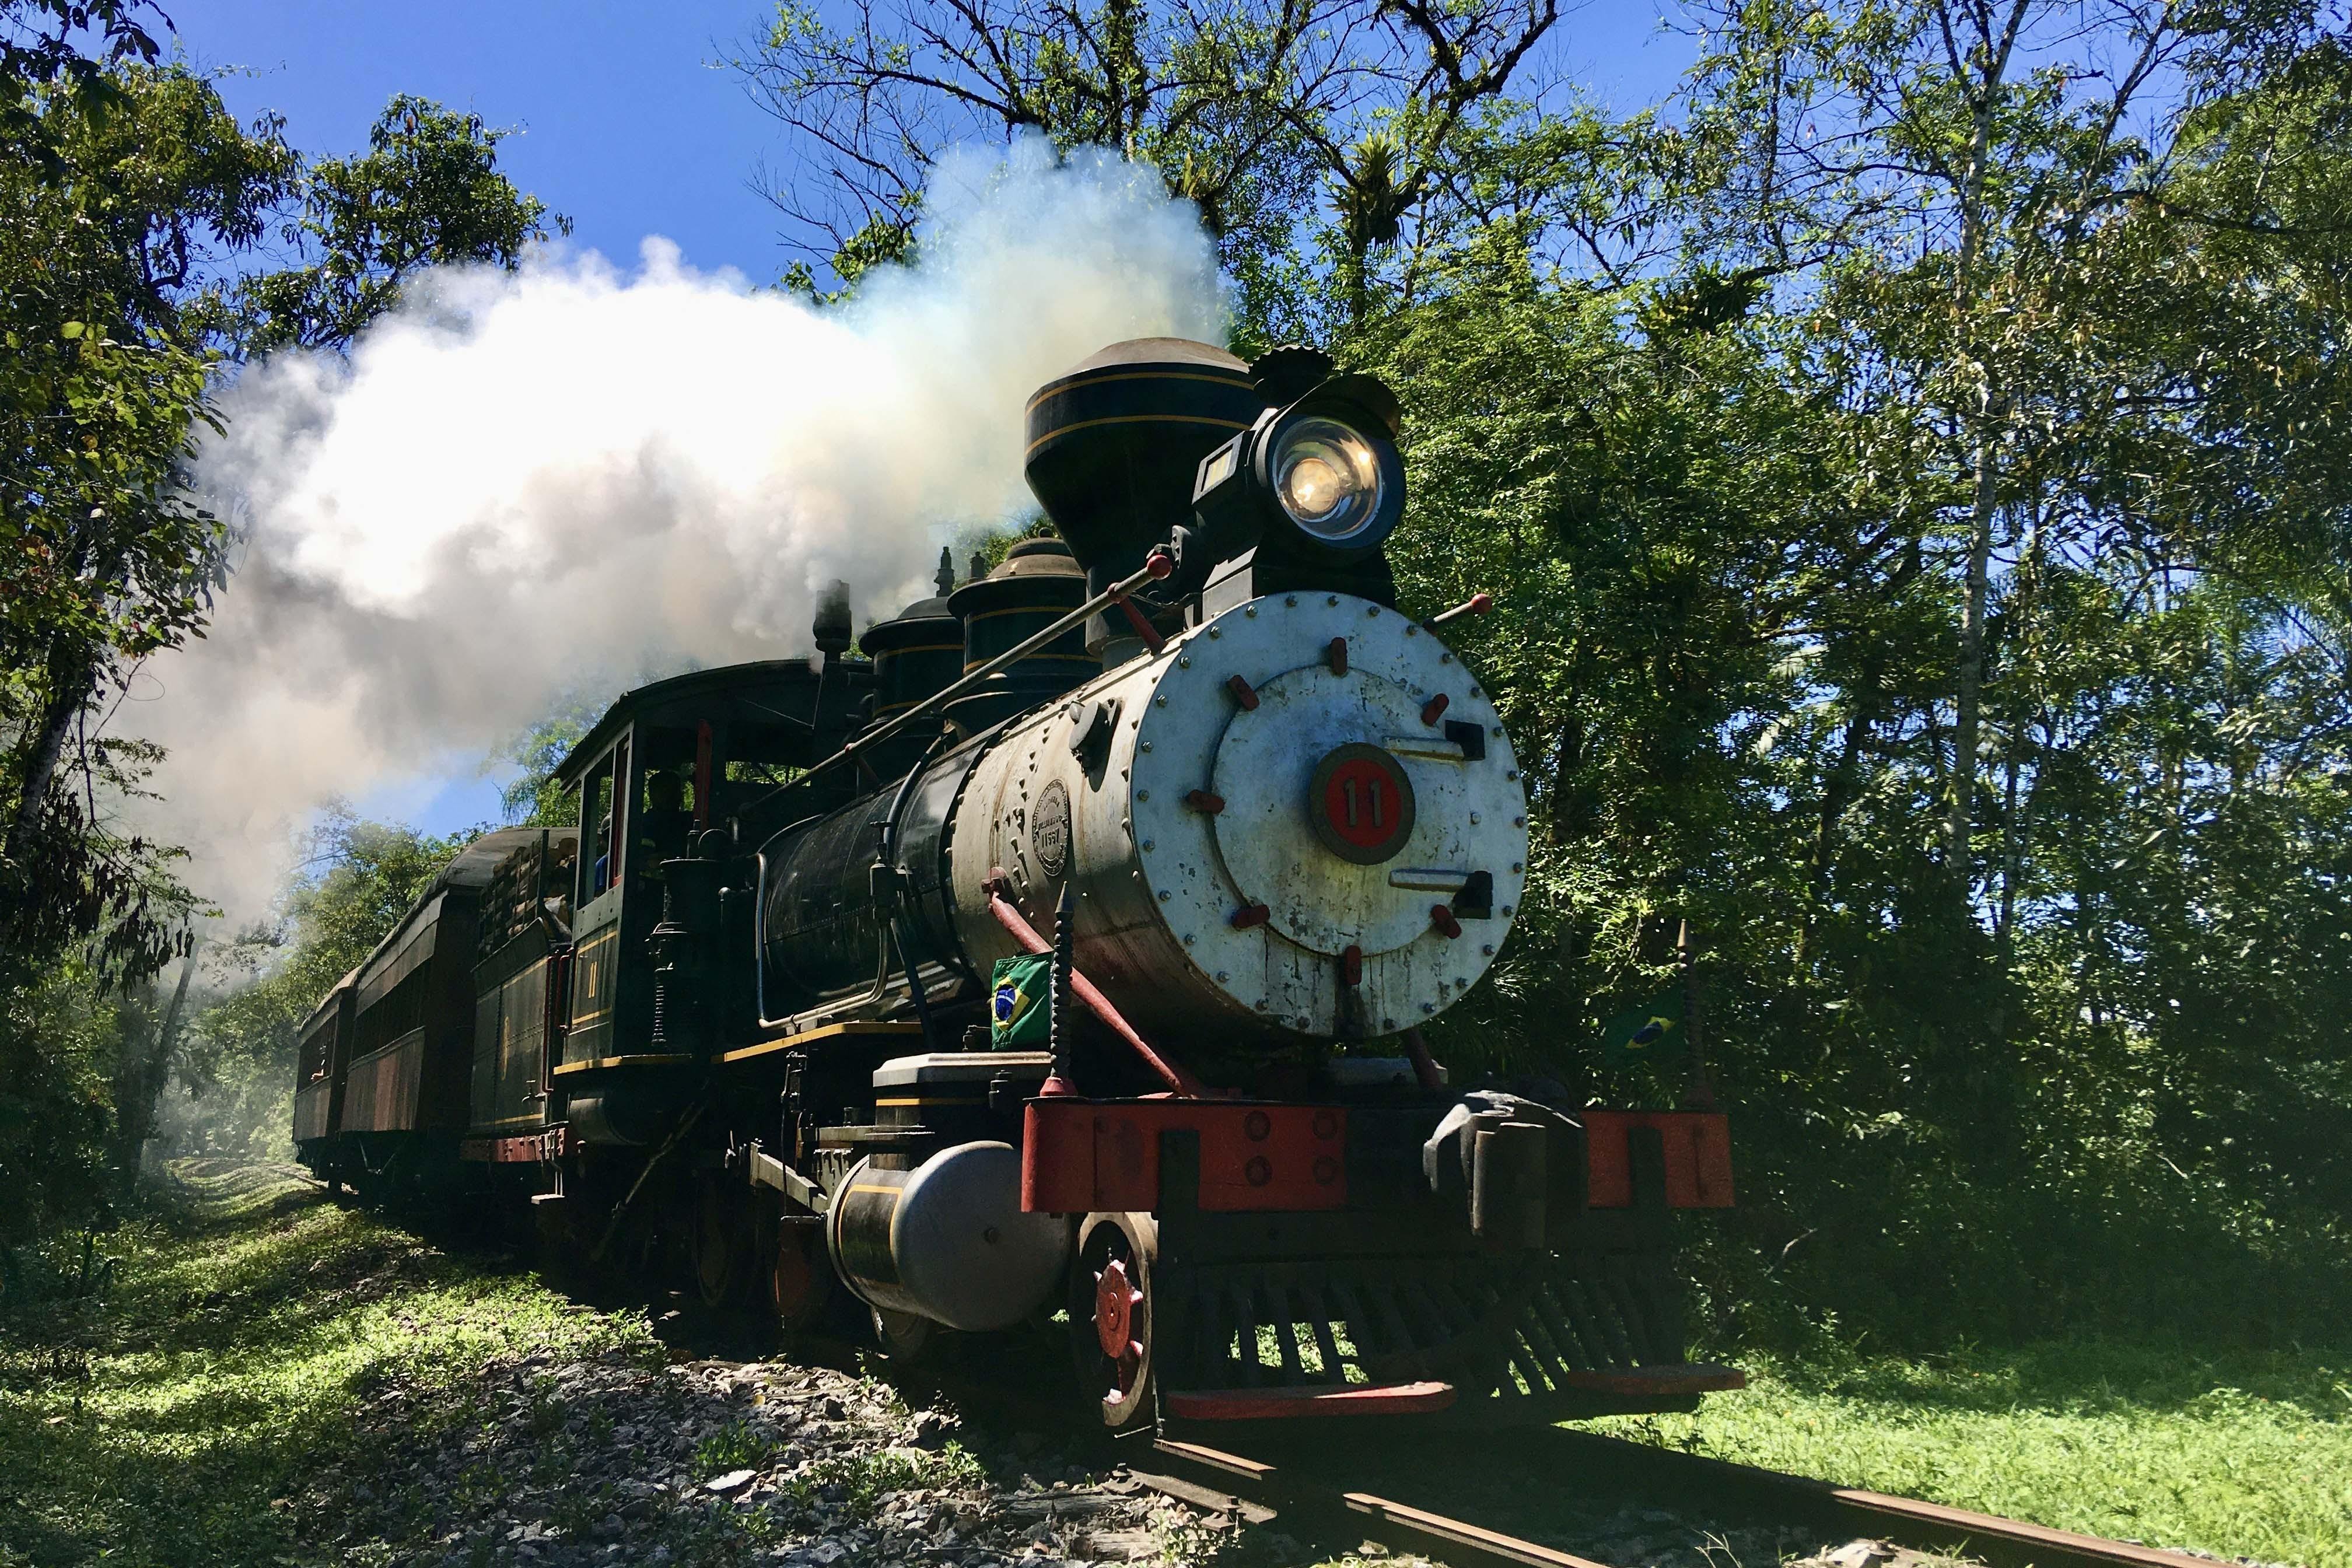 Locomotiva a vapor mais antiga em operação no Brasil faz viagem turística entre Morretes e Antonina